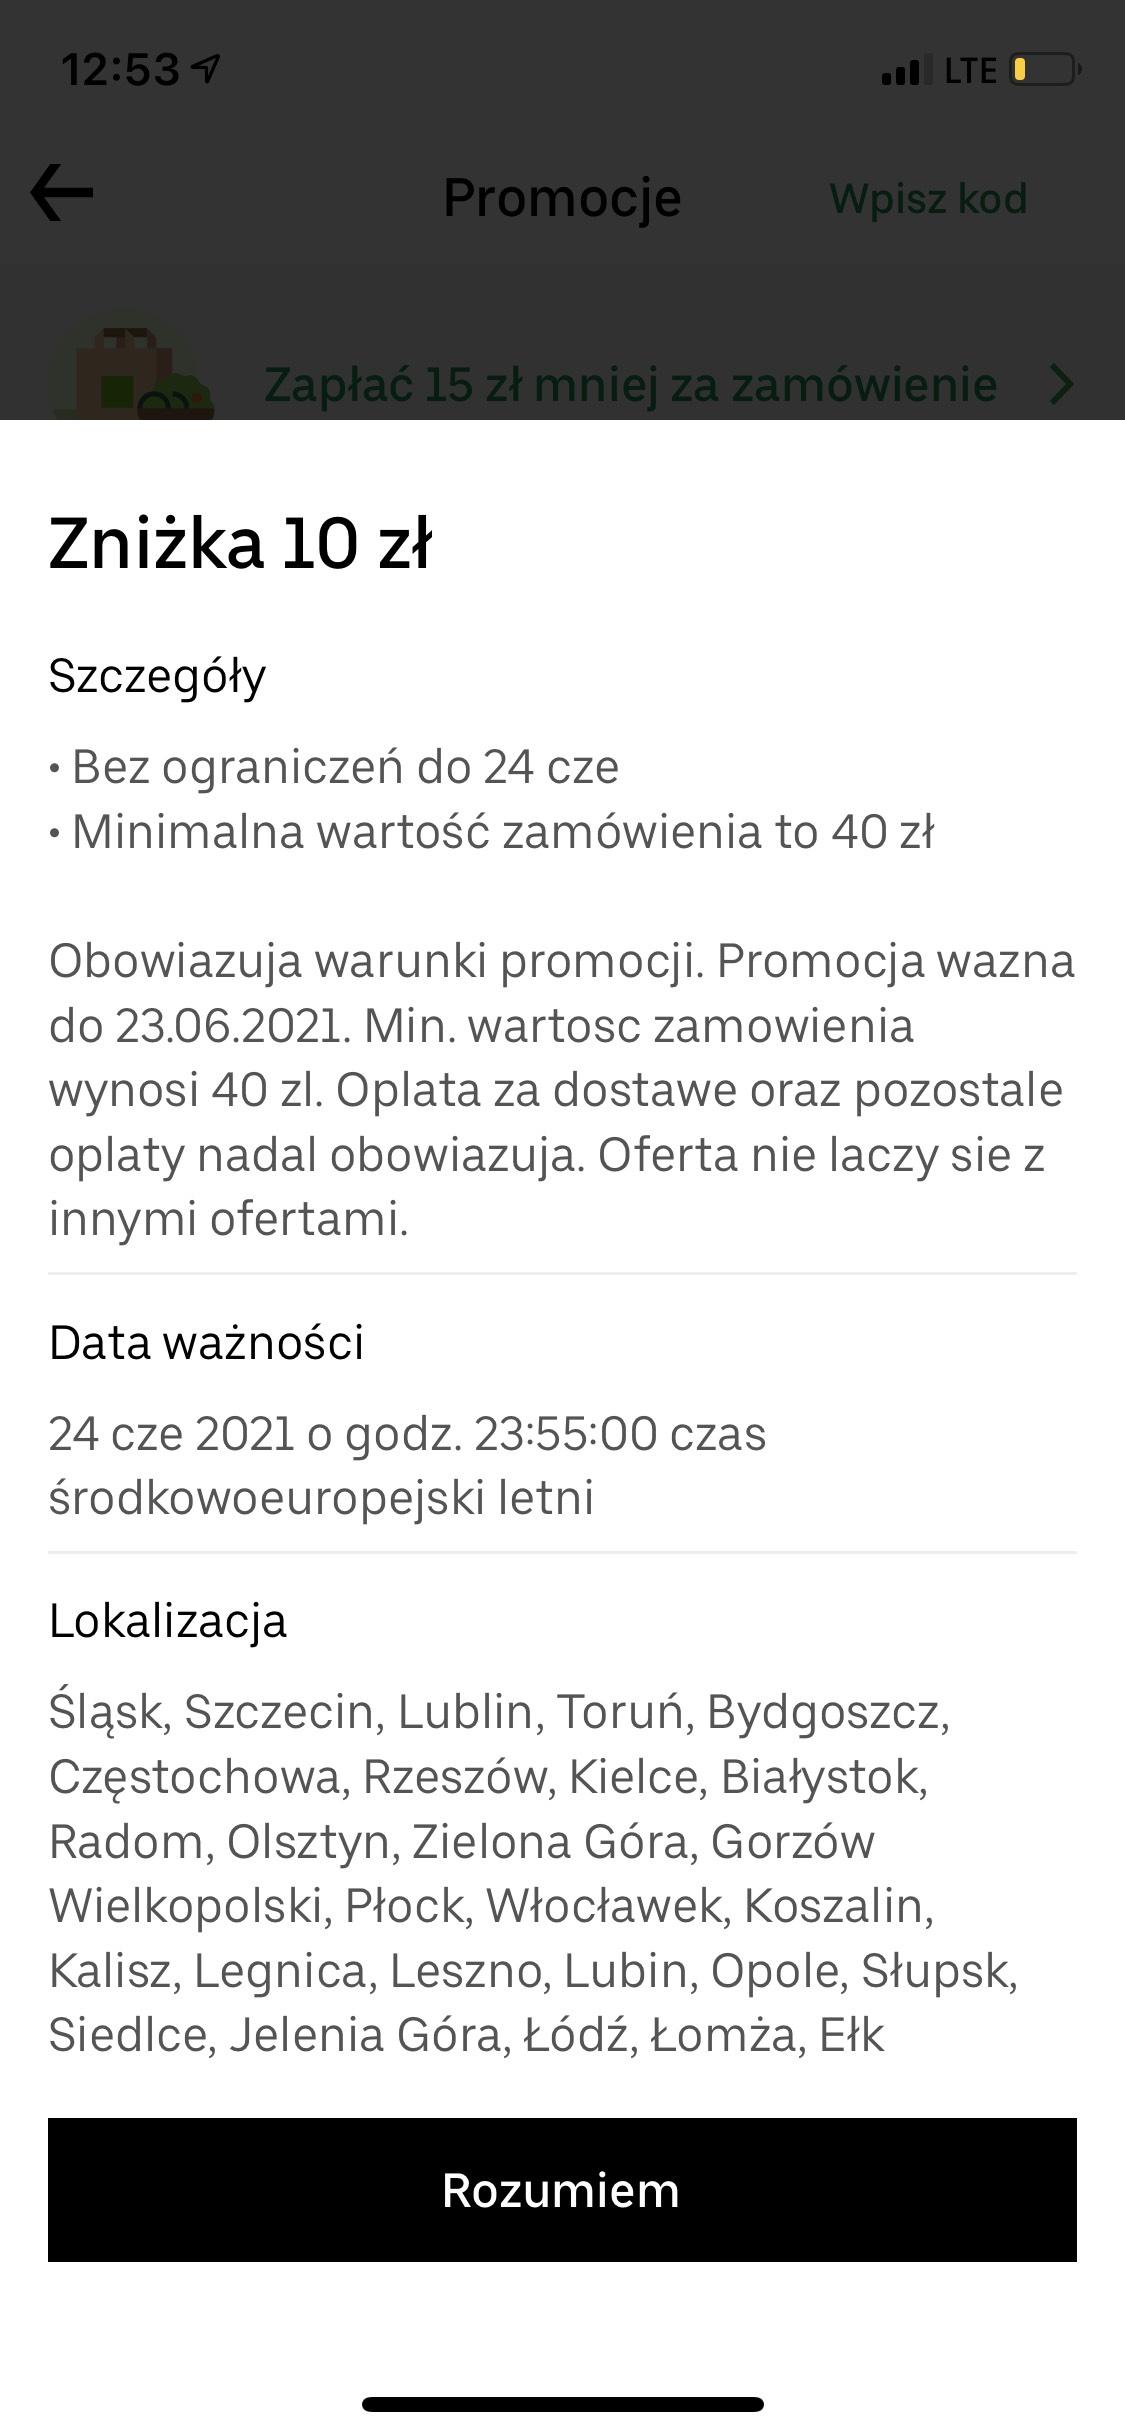 Uber Eats zniżka 10 zł MWZ 40 zł